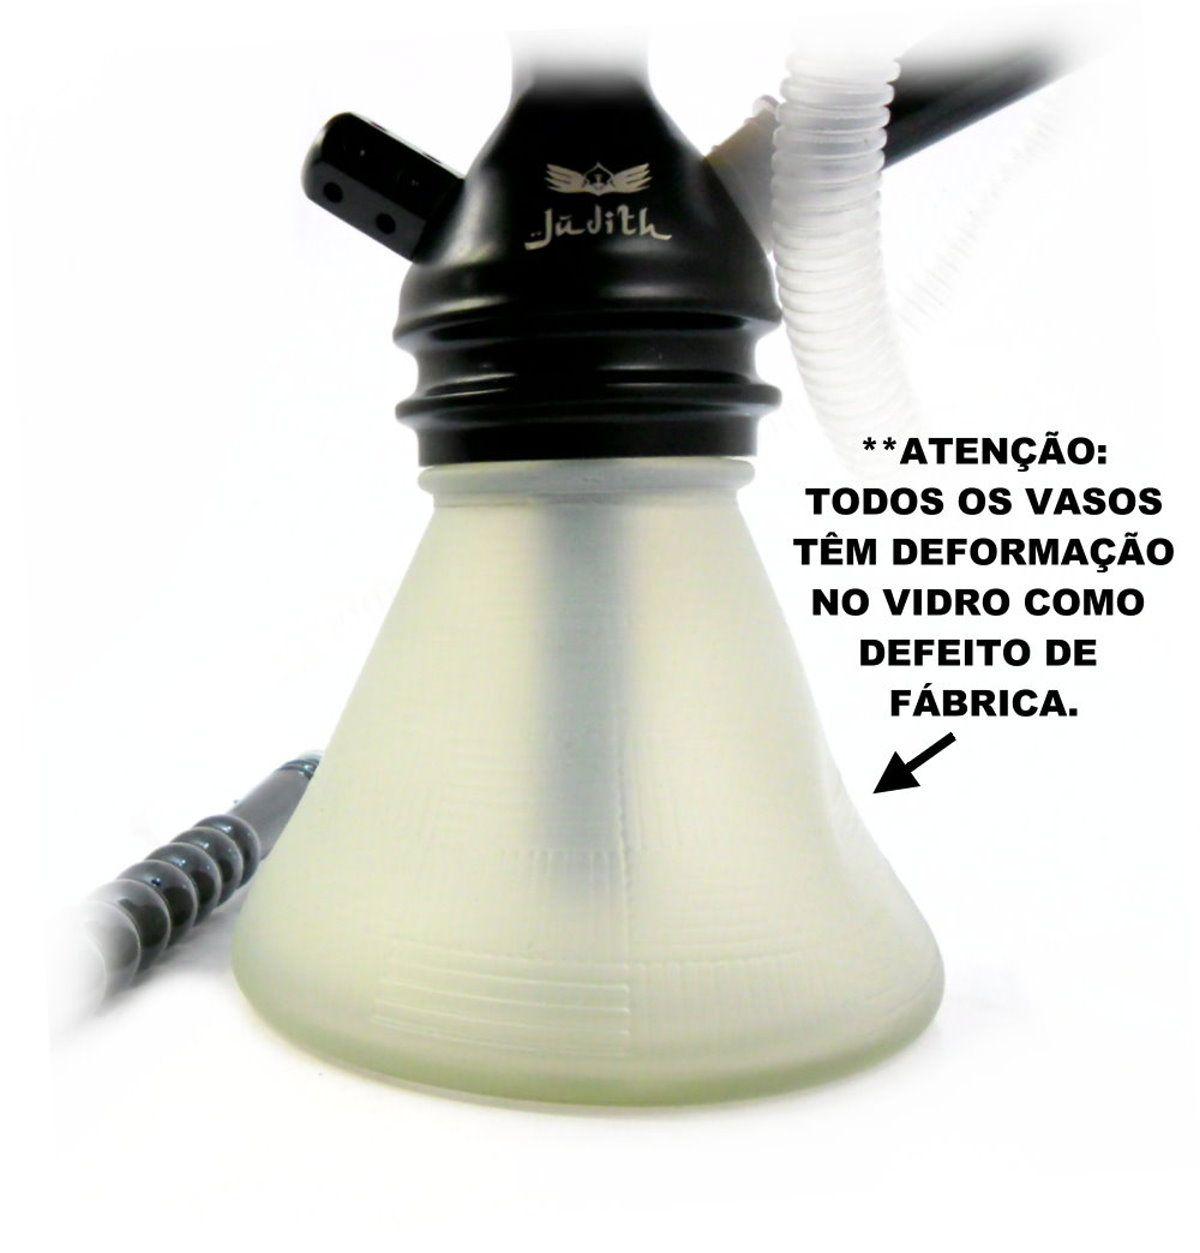 Narguile JUDITH PRETO MART 33cm, vaso Petit BRANCO mangueira MD BLACK fornilho Flux Bowl BRANCO prato Vennus Prt/Cromado